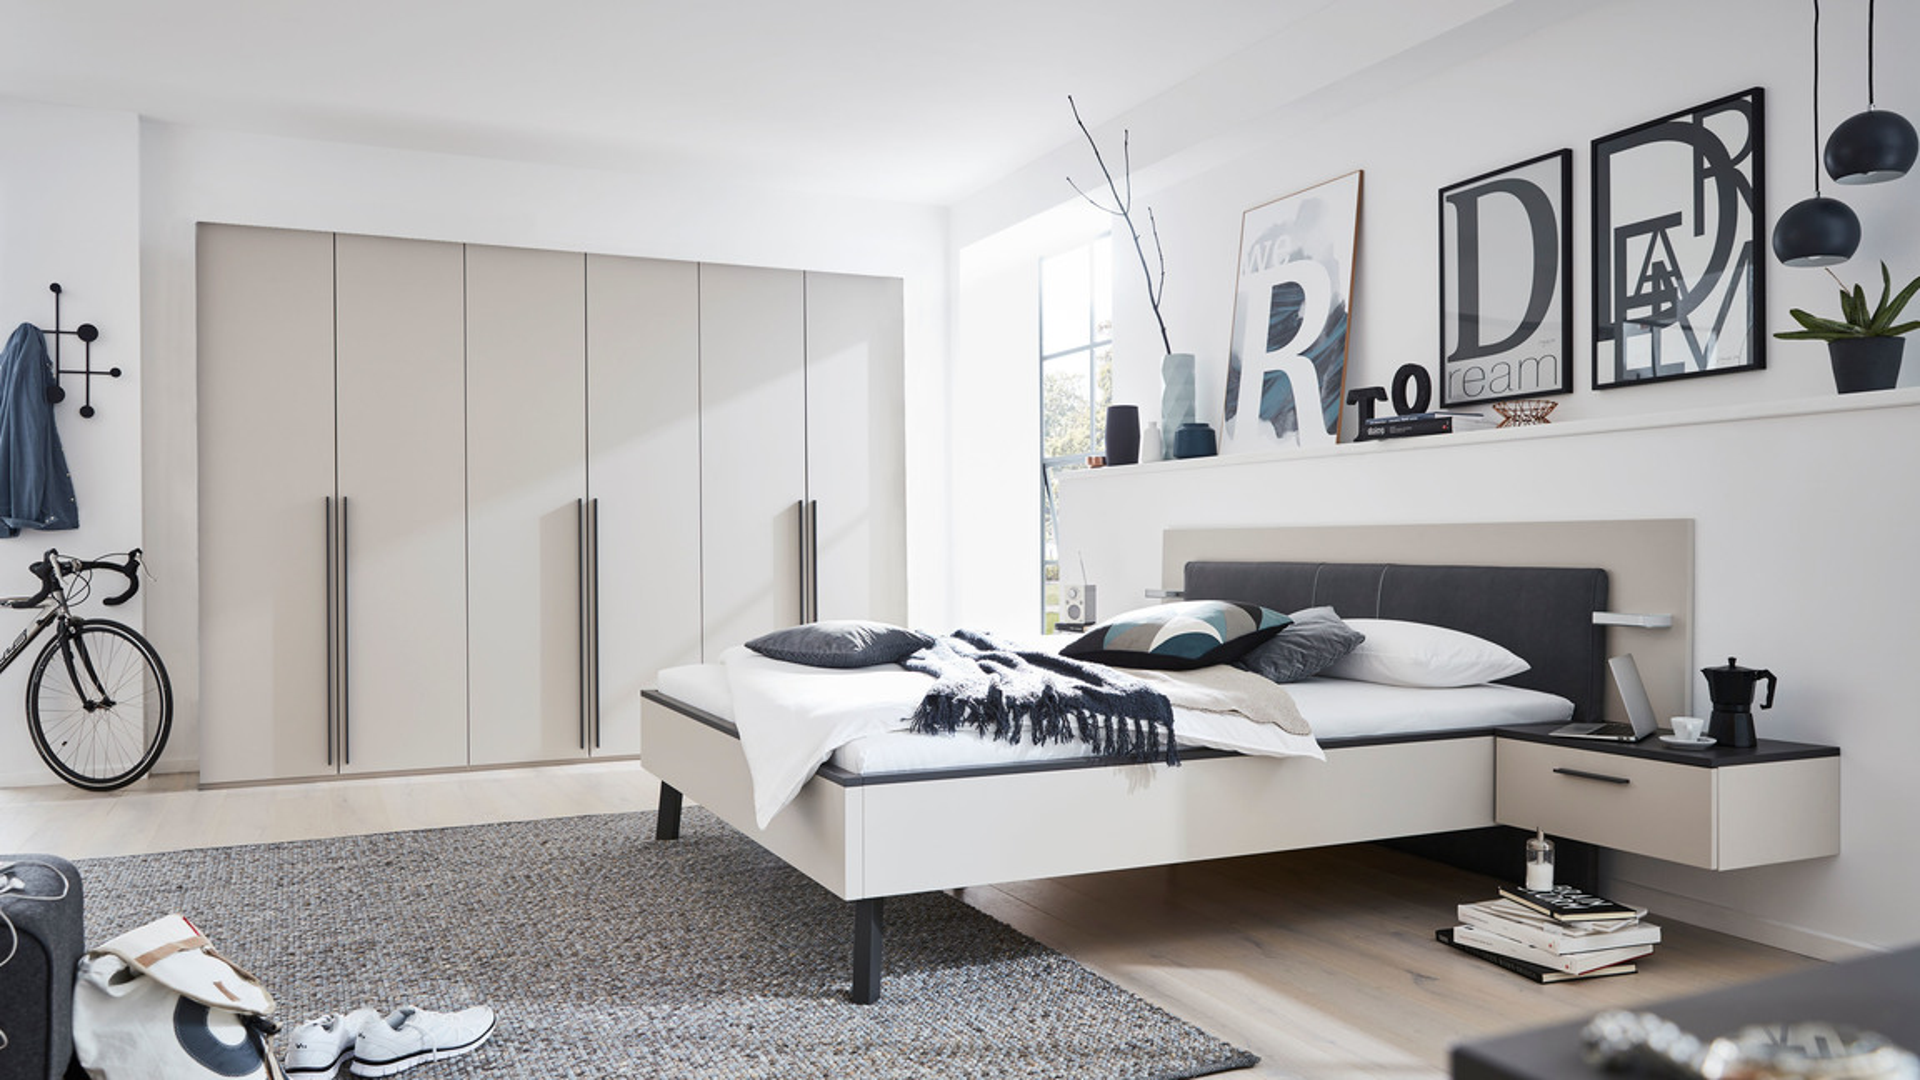 Interliving Schlafzimmer Serie 1410 – Komplettzimmer mit Extras